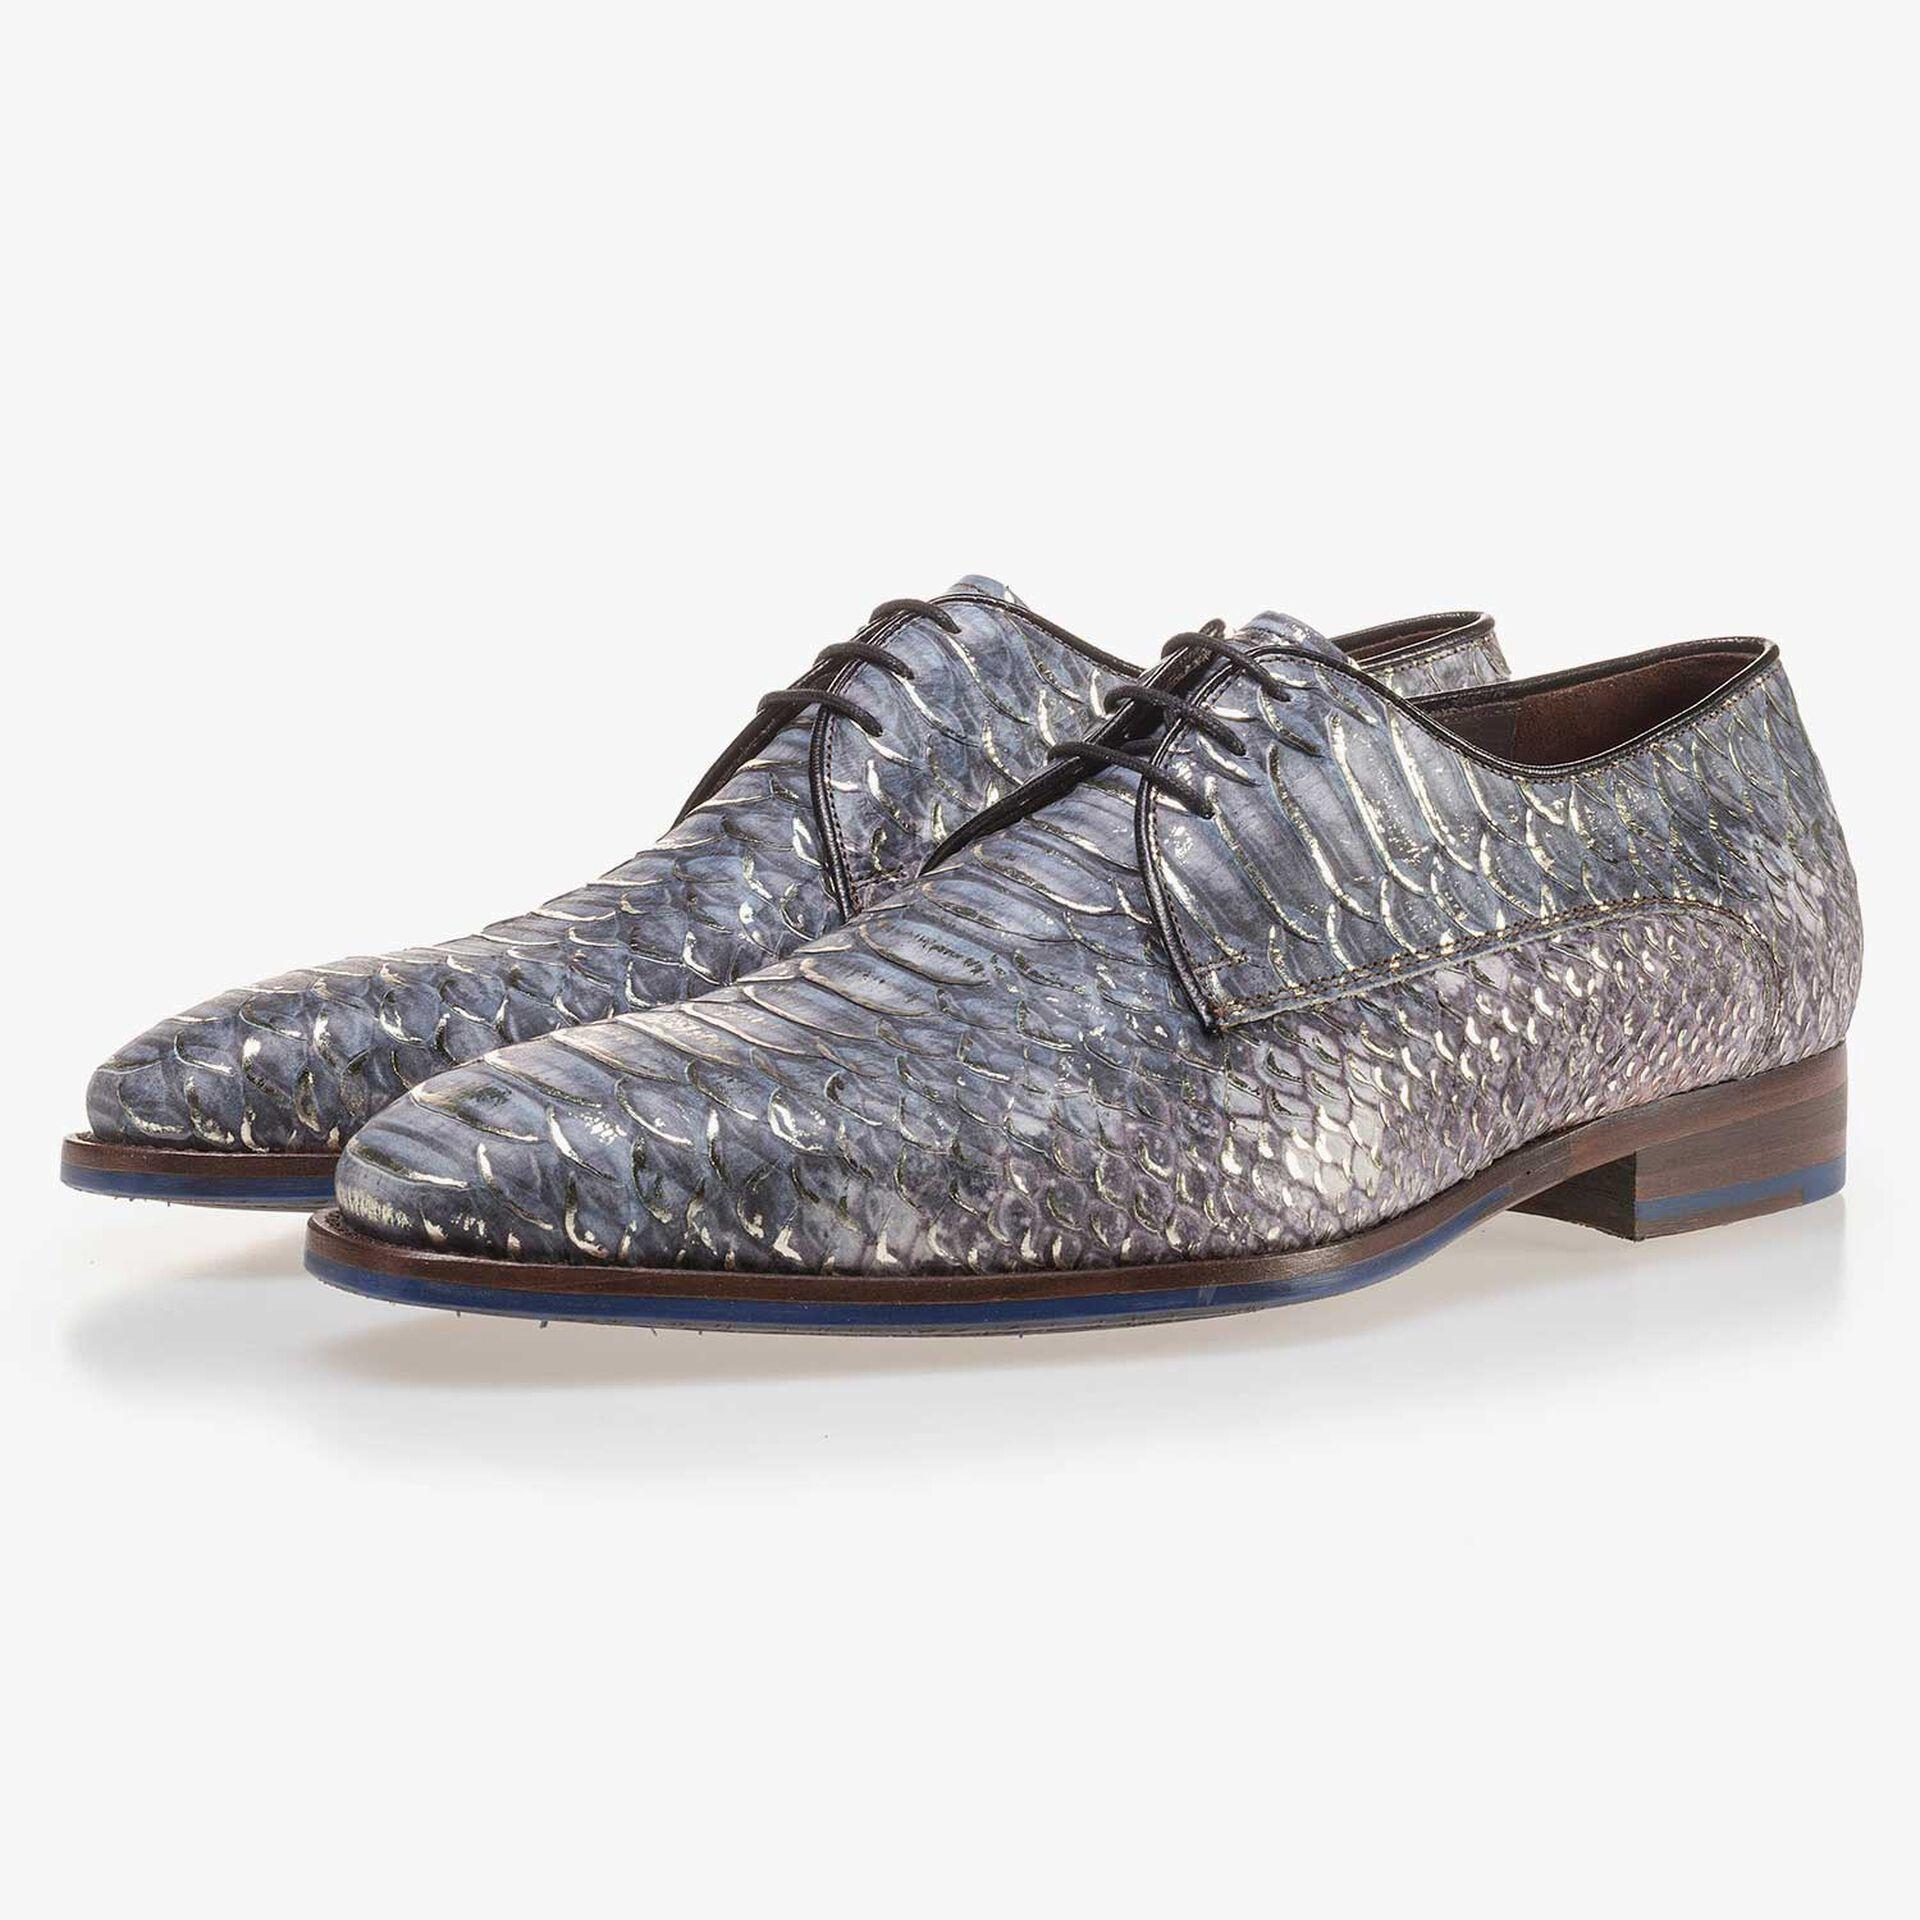 Blauer Premium Schnürschuh aus Leder mit Schlangenprint